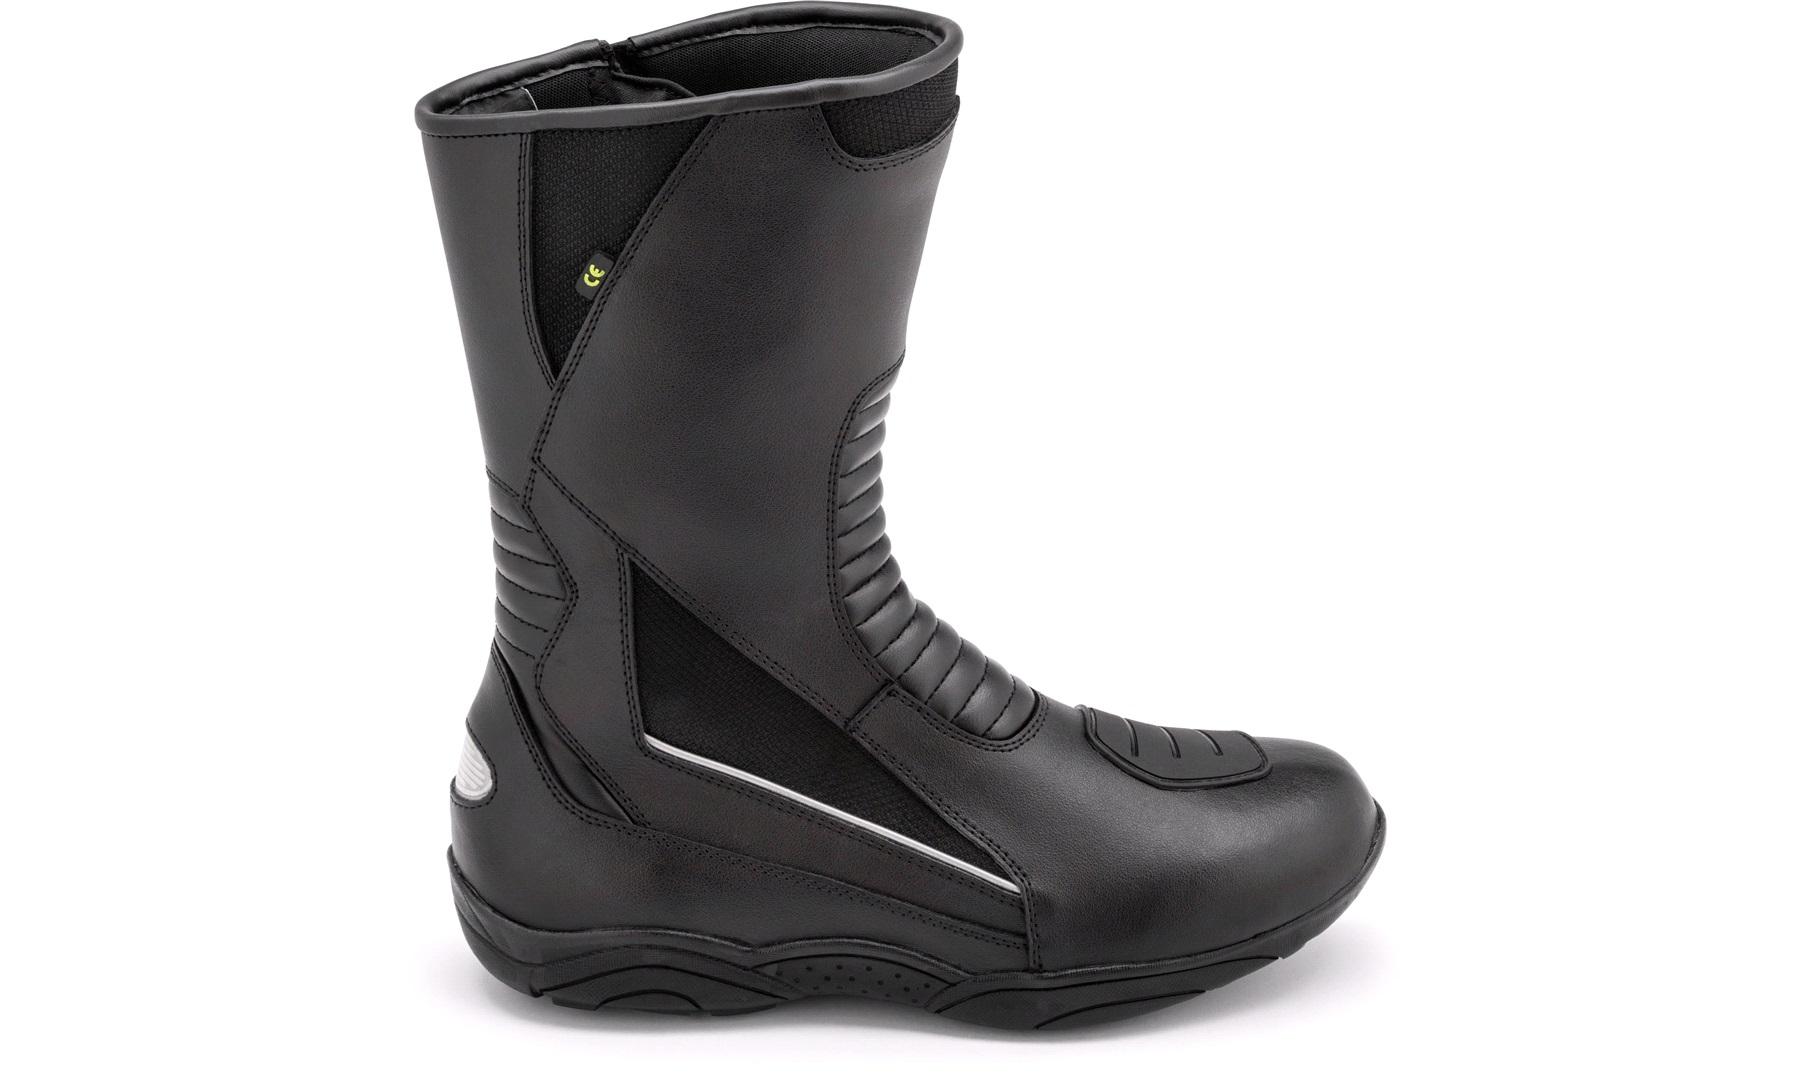 MC støvler lang model vandtæt, str. 41 MC støvler lang